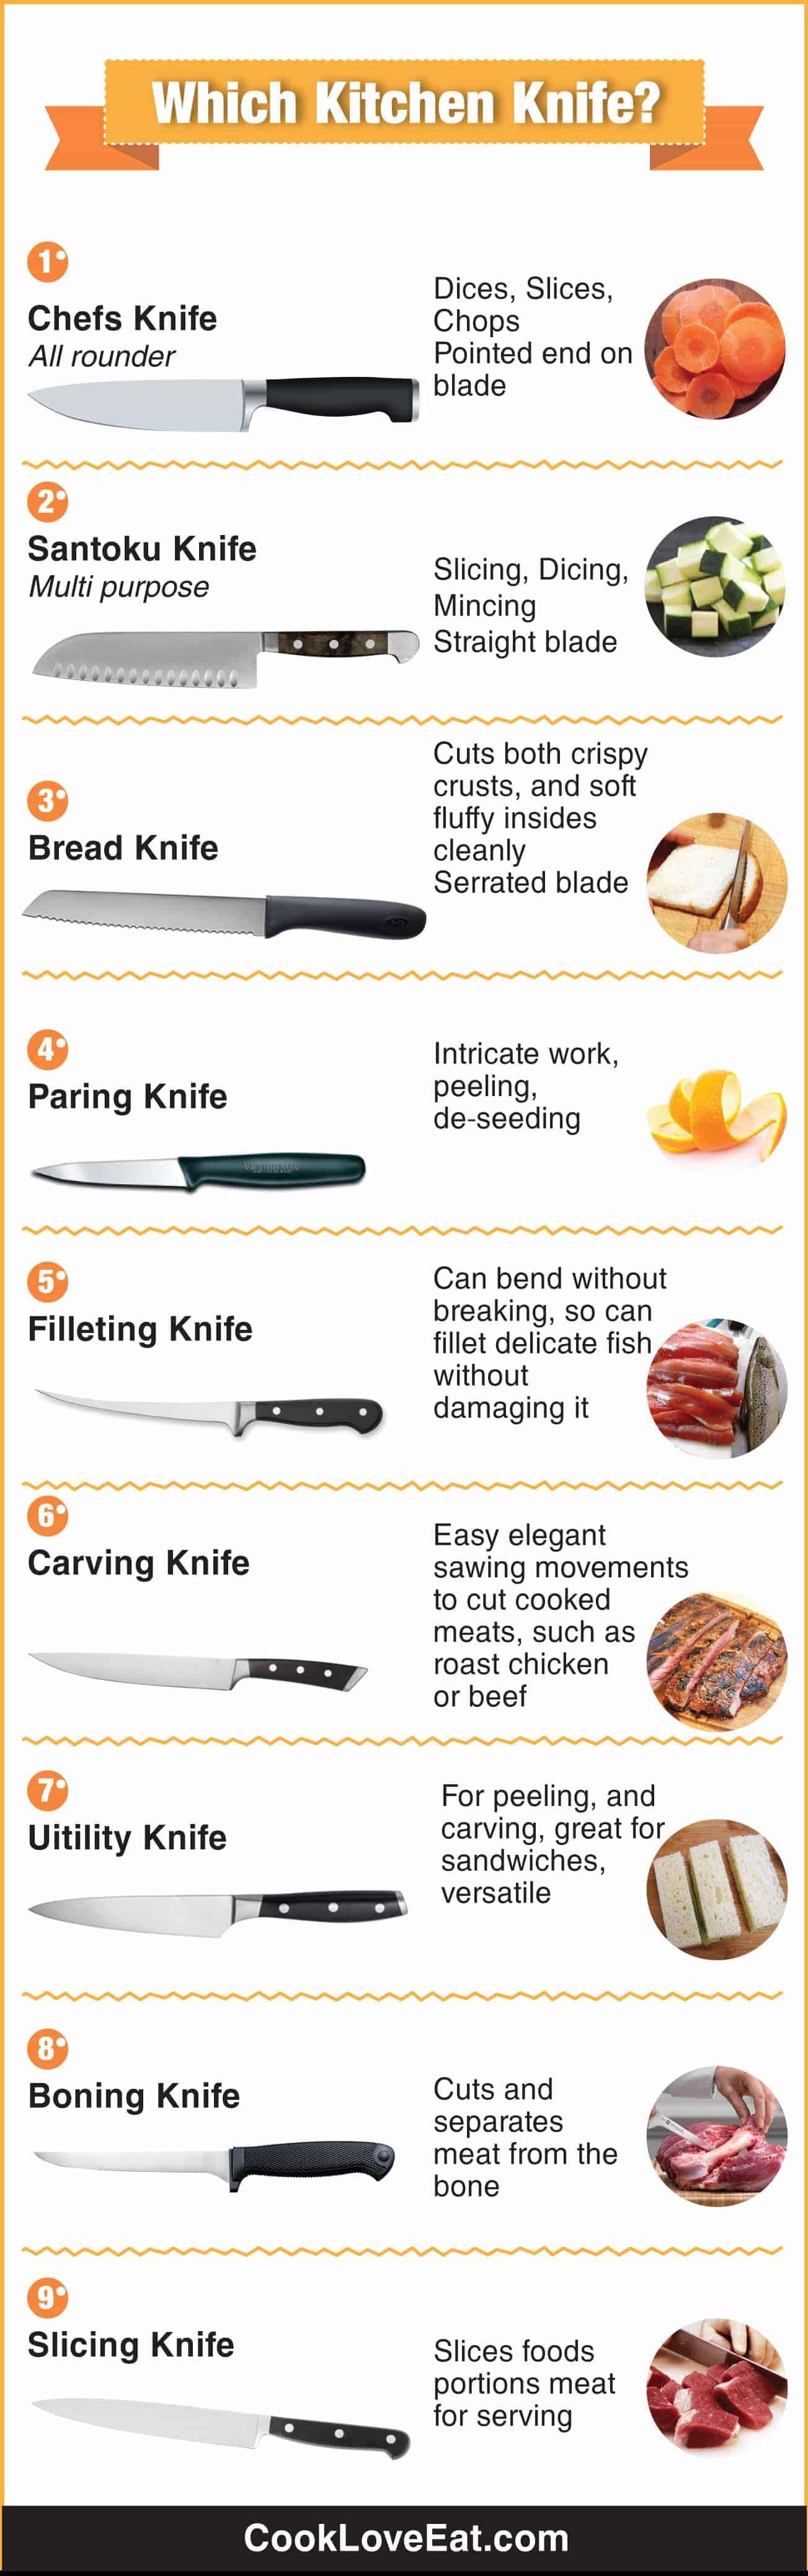 Which Kitchen Knife?